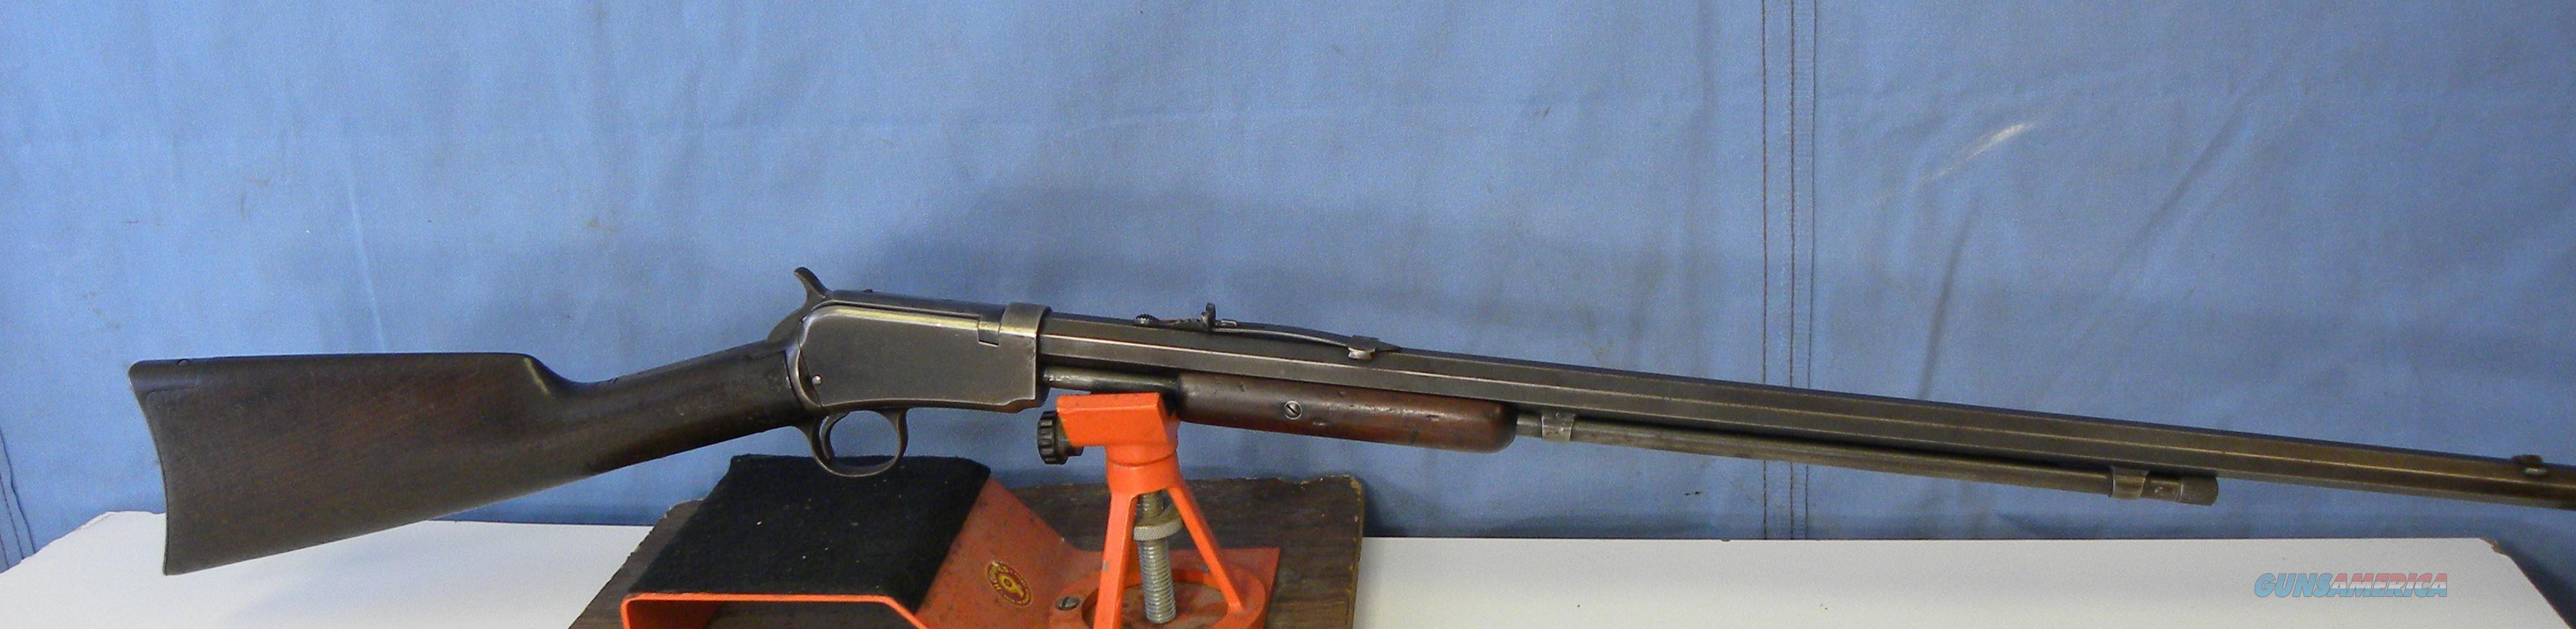 Winchester 1890 .22 WRF  Guns > Rifles > Winchester Rifles - Modern Pump